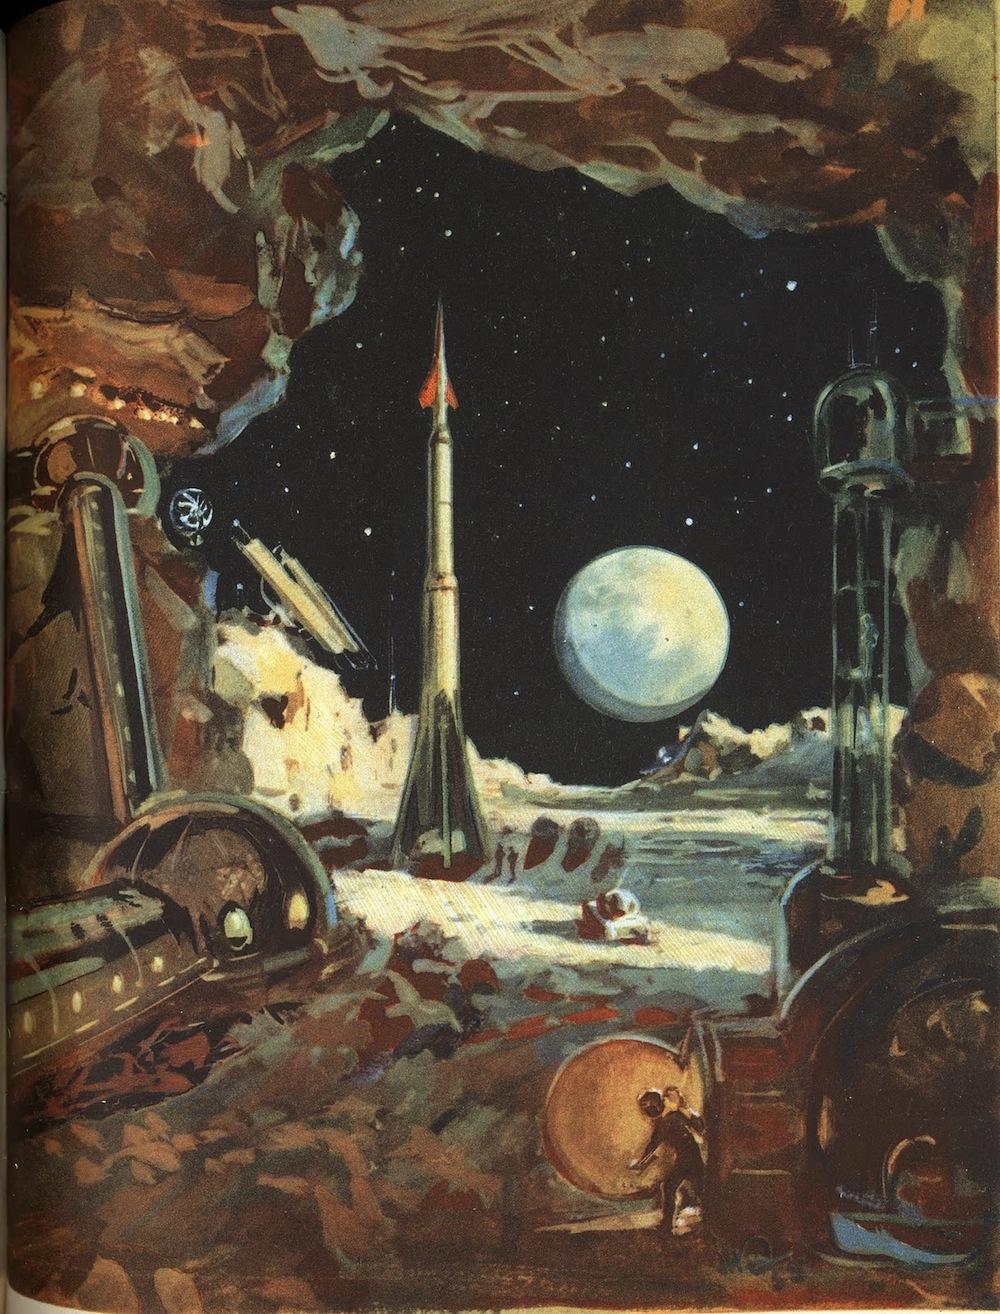 sovyetler-birligi-uzay05